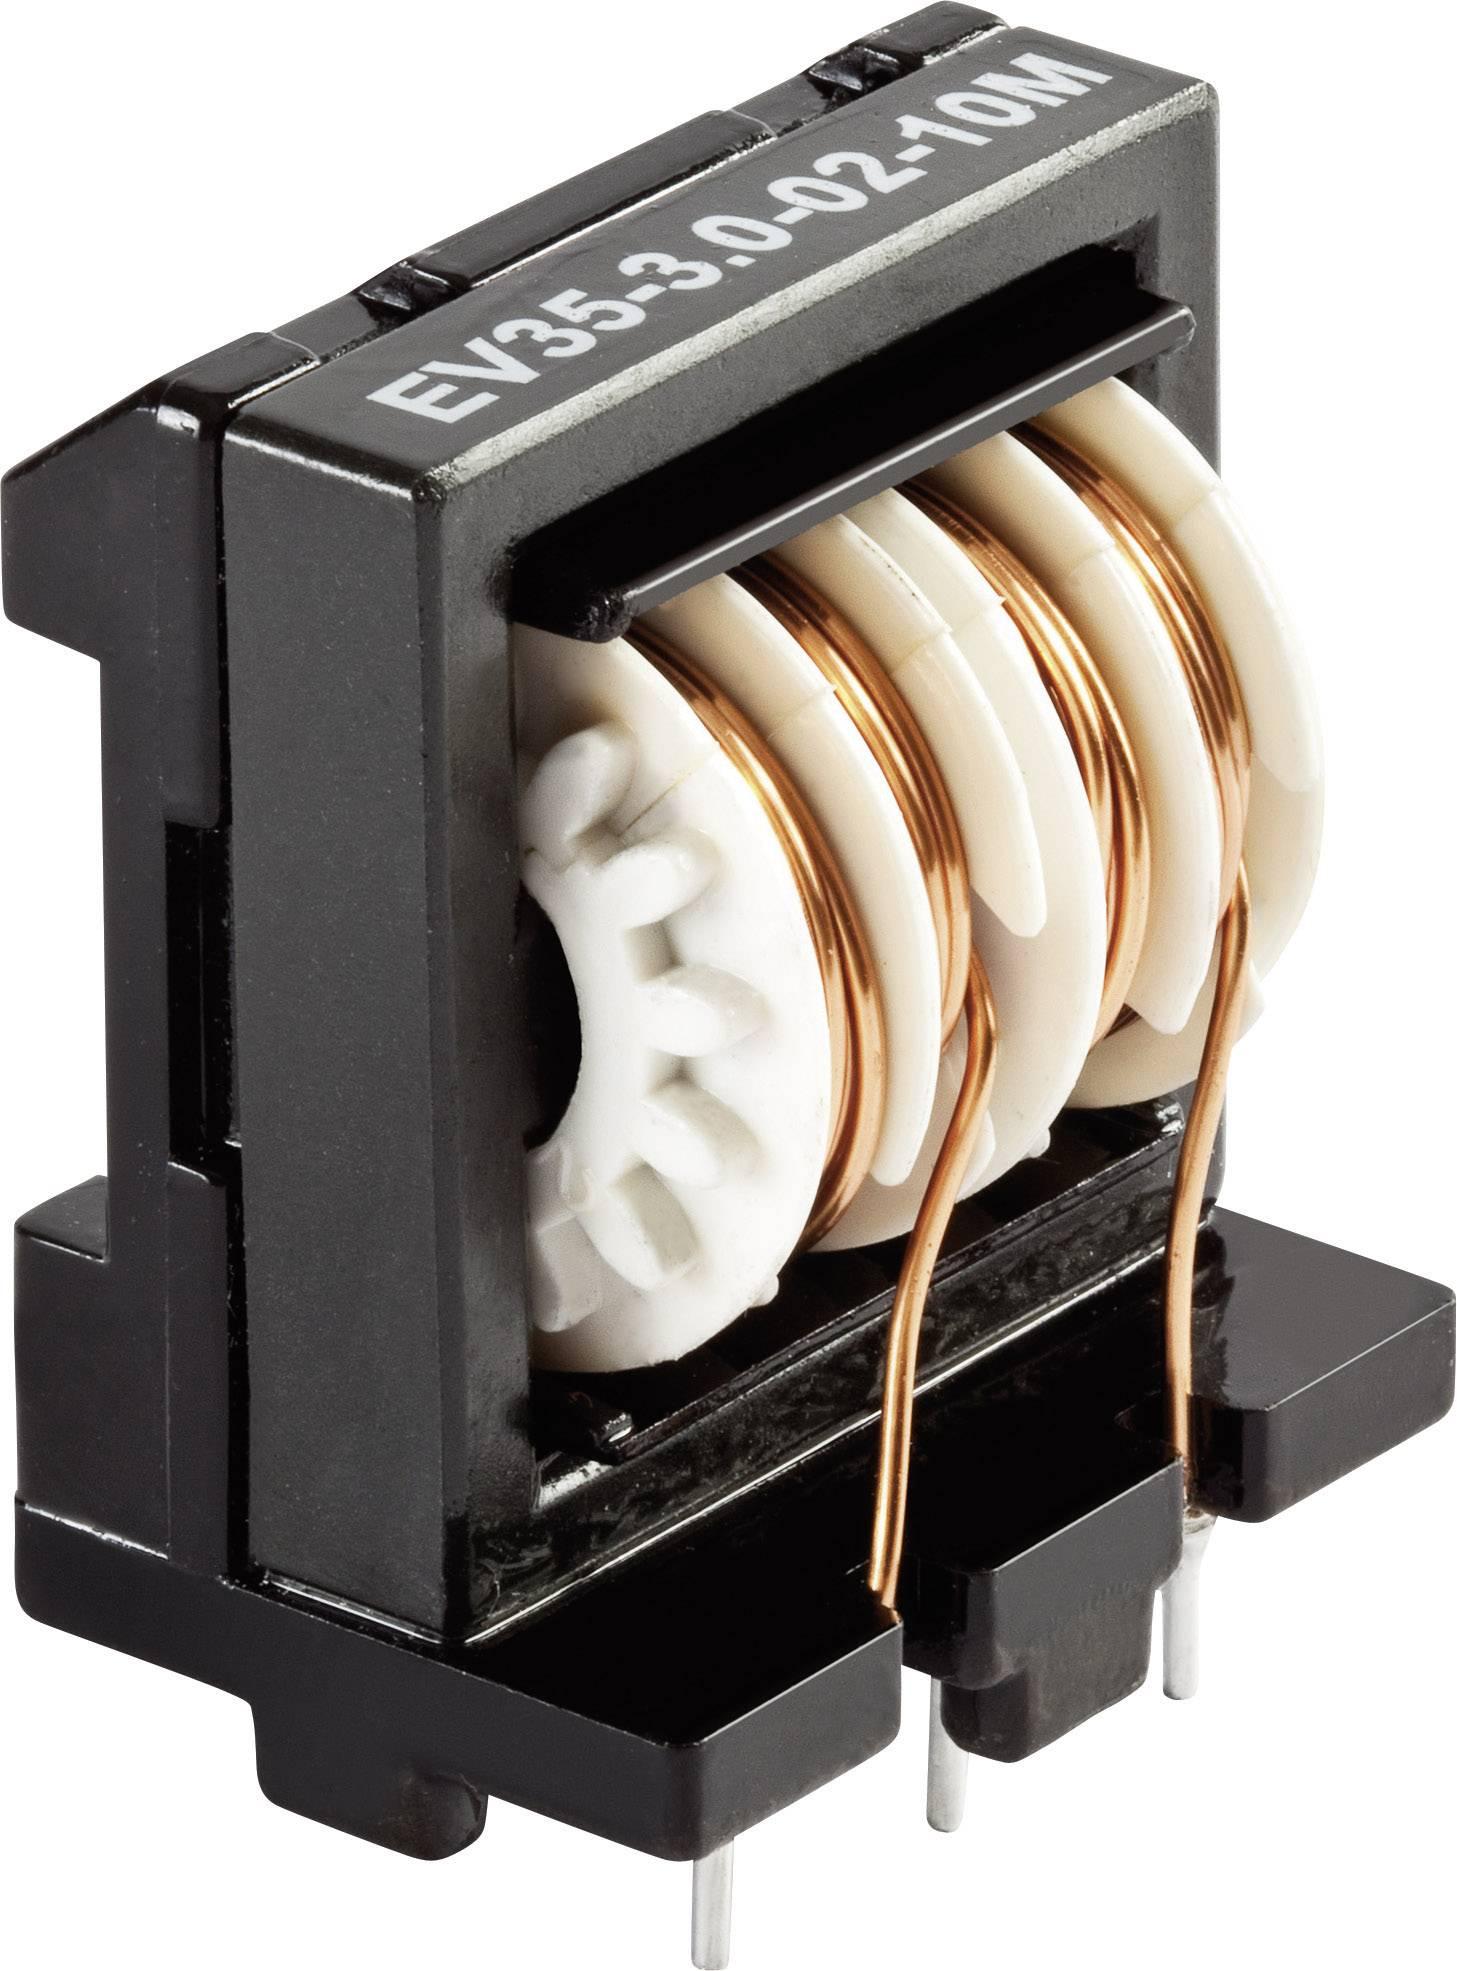 Odrušovací filter Schaffner EV20-1,5-02-1M8 EV20-1,5-02-1M8, 250 V/AC, 1.5 A, 1.8 mH, (d x š x v) 21 x 16 x 25 mm, 1 ks